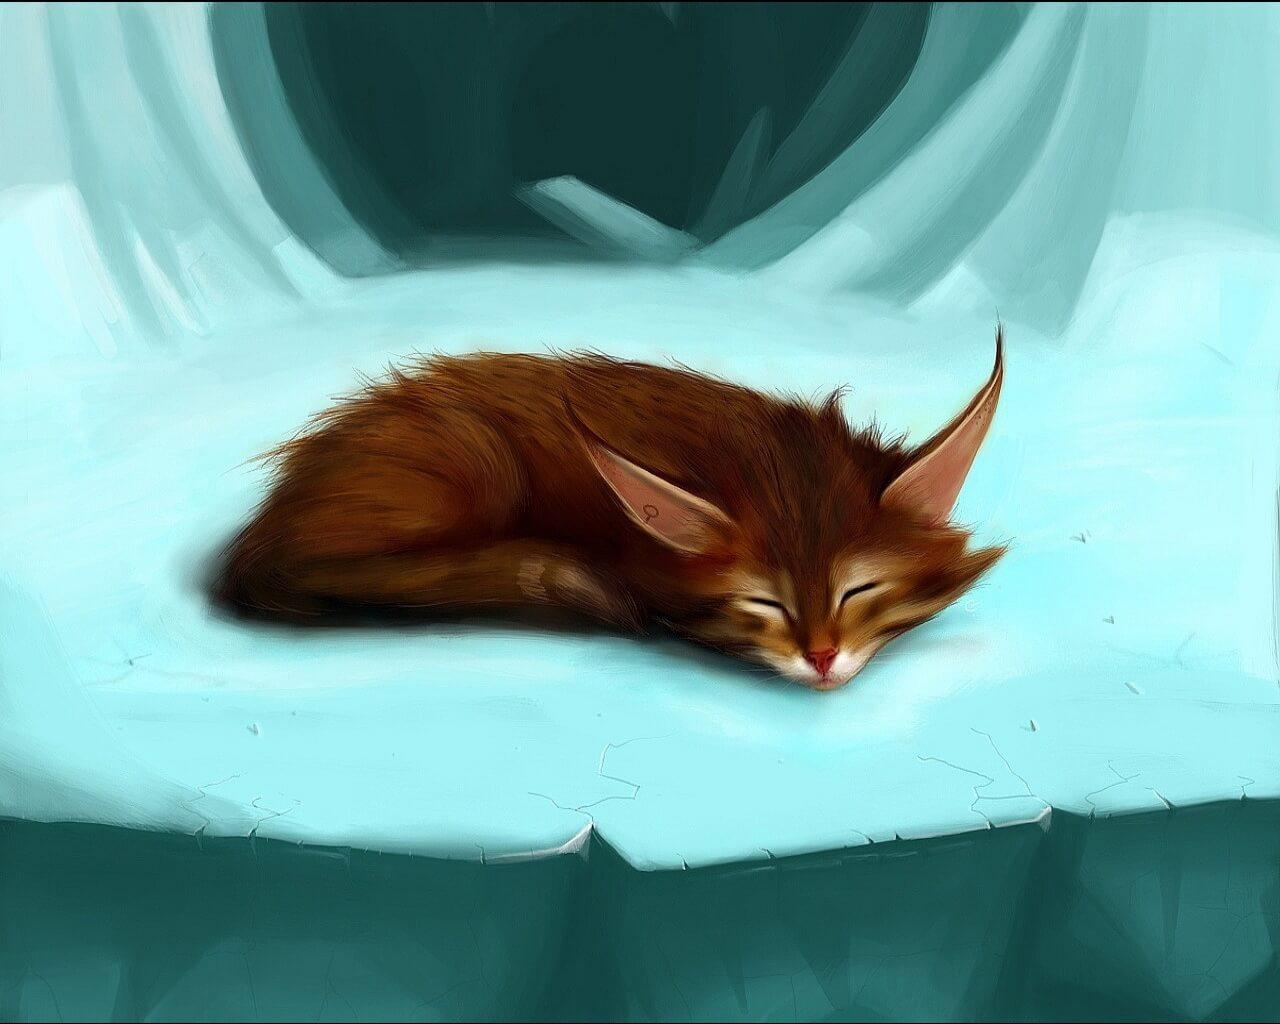 Прикольные и милые арт картинки котиков и кошек - подборка 17